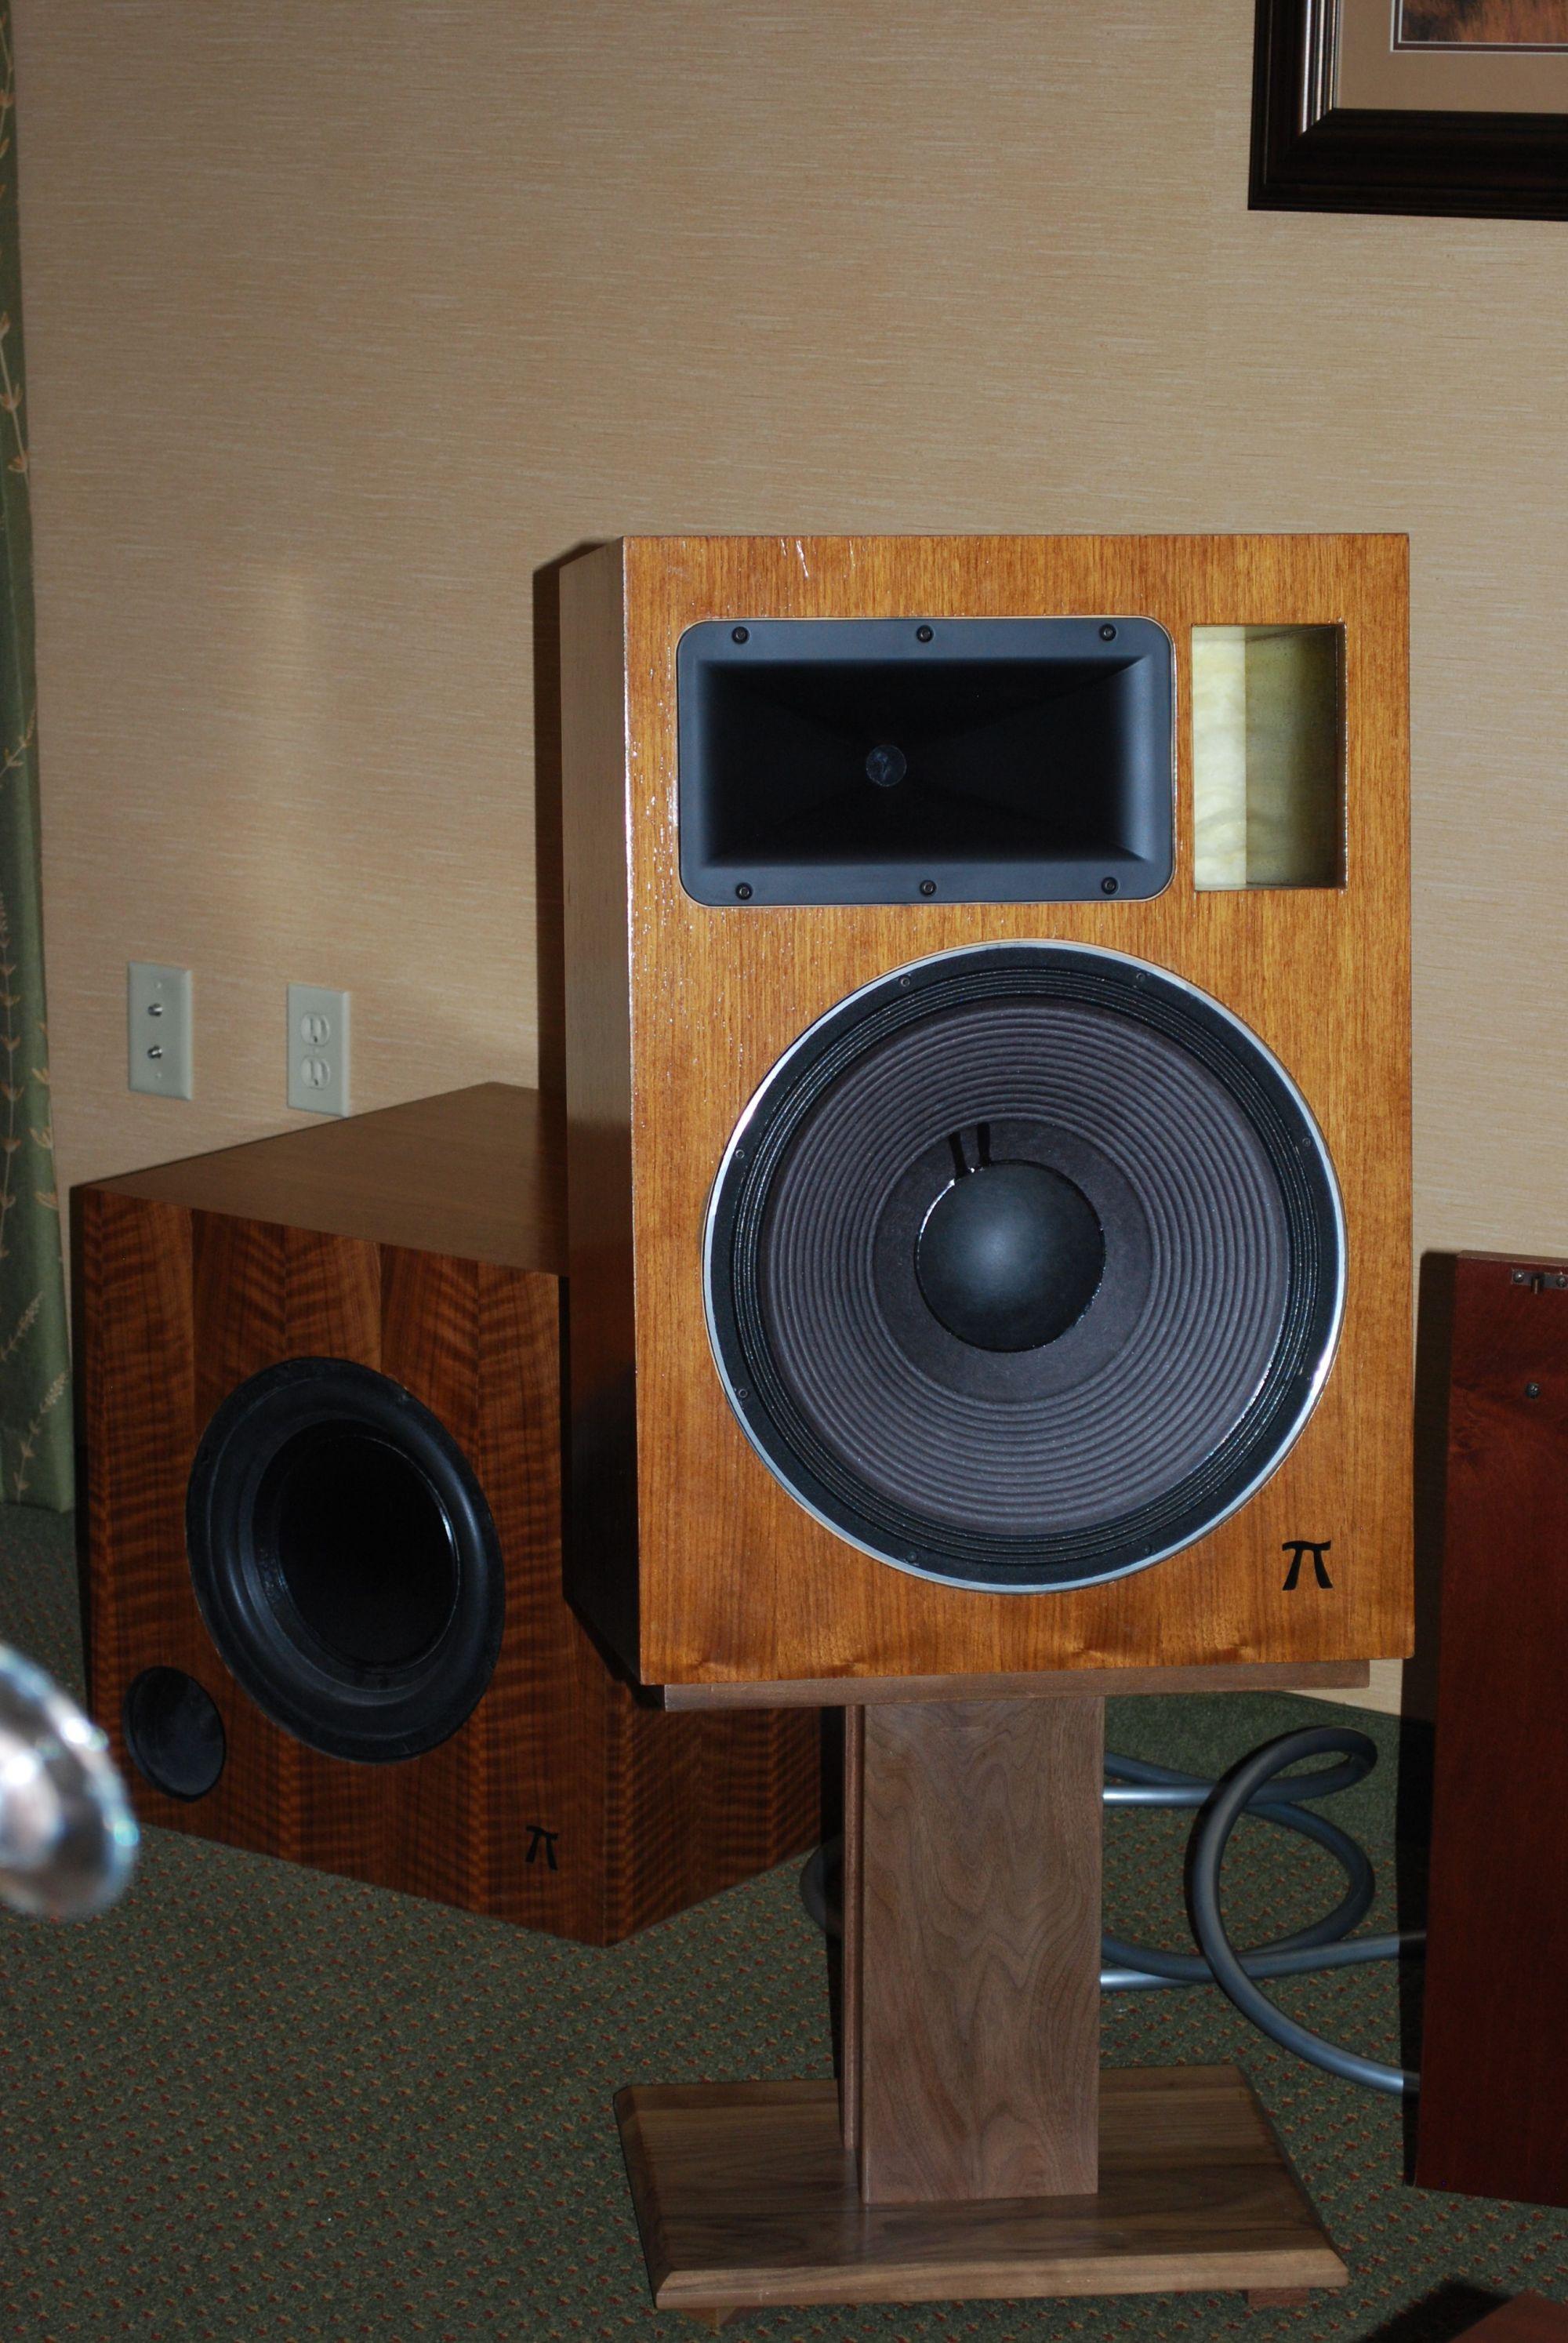 http://LoneStarAudioFest.com/2013/Photos/Dsc_0001.jpg